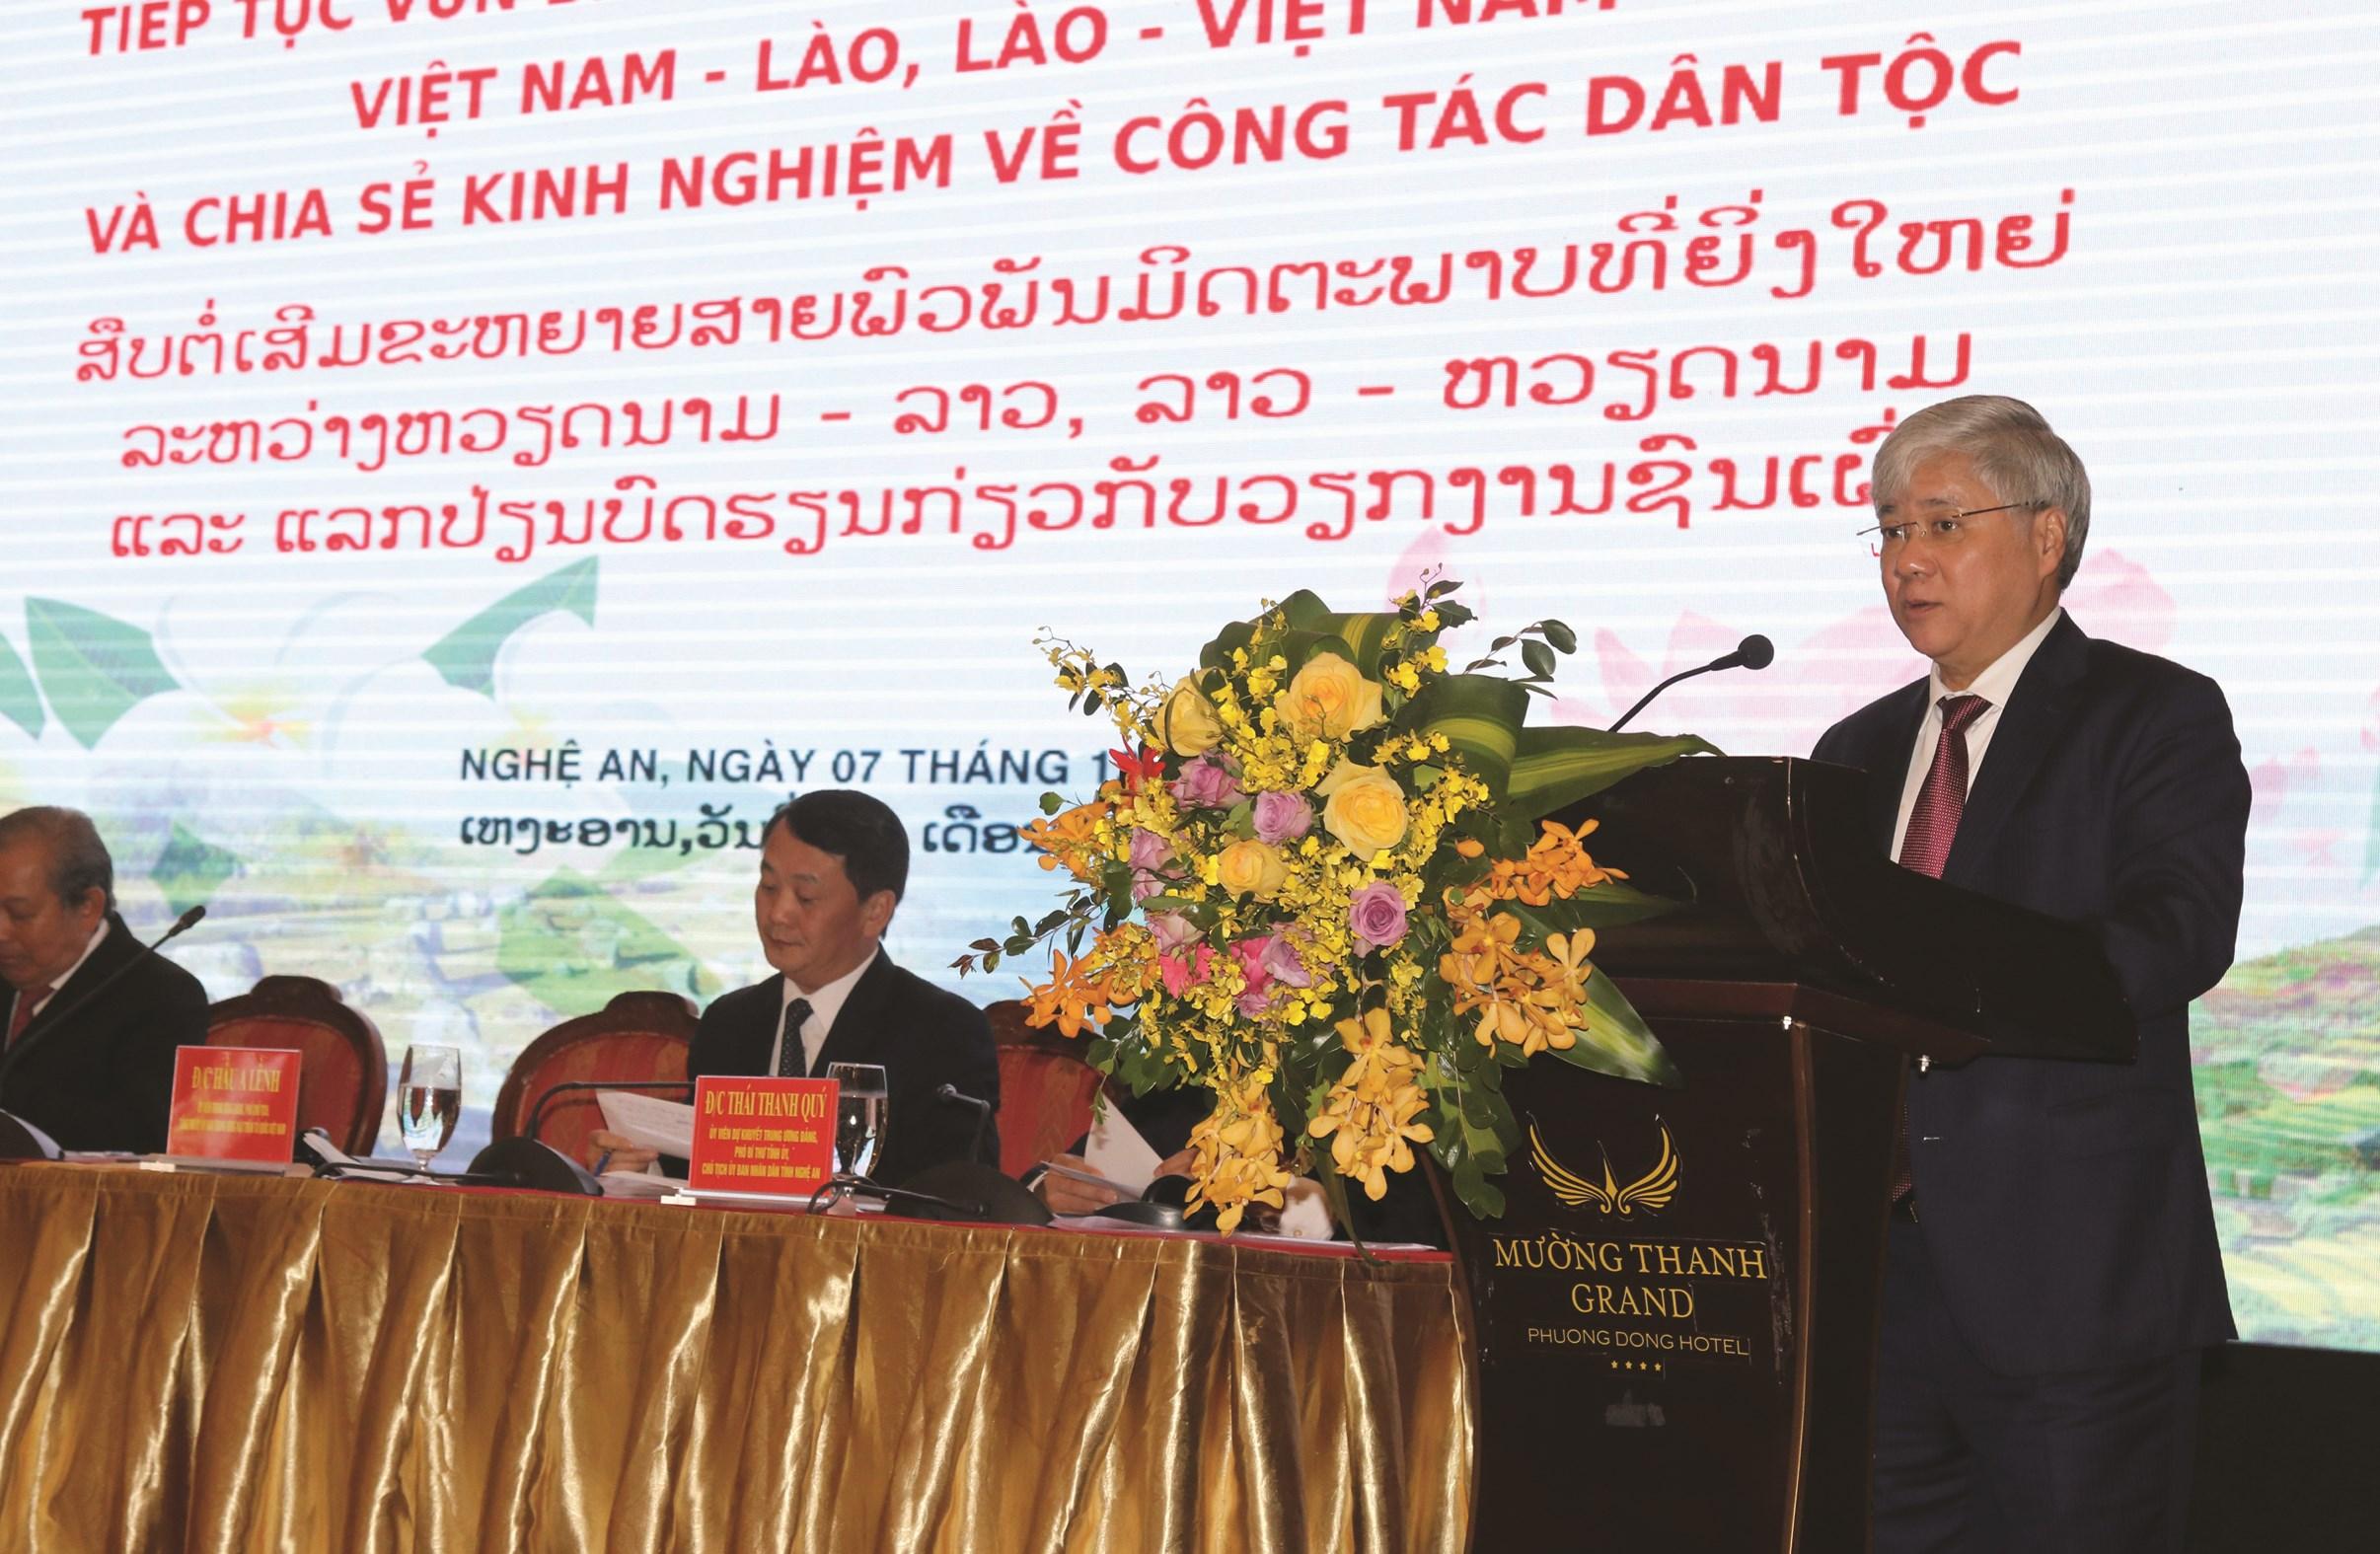 Bộ trưởng, Chủ nhiệm UBDT Đỗ Văn Chiến phát biểu tại Hội thảo